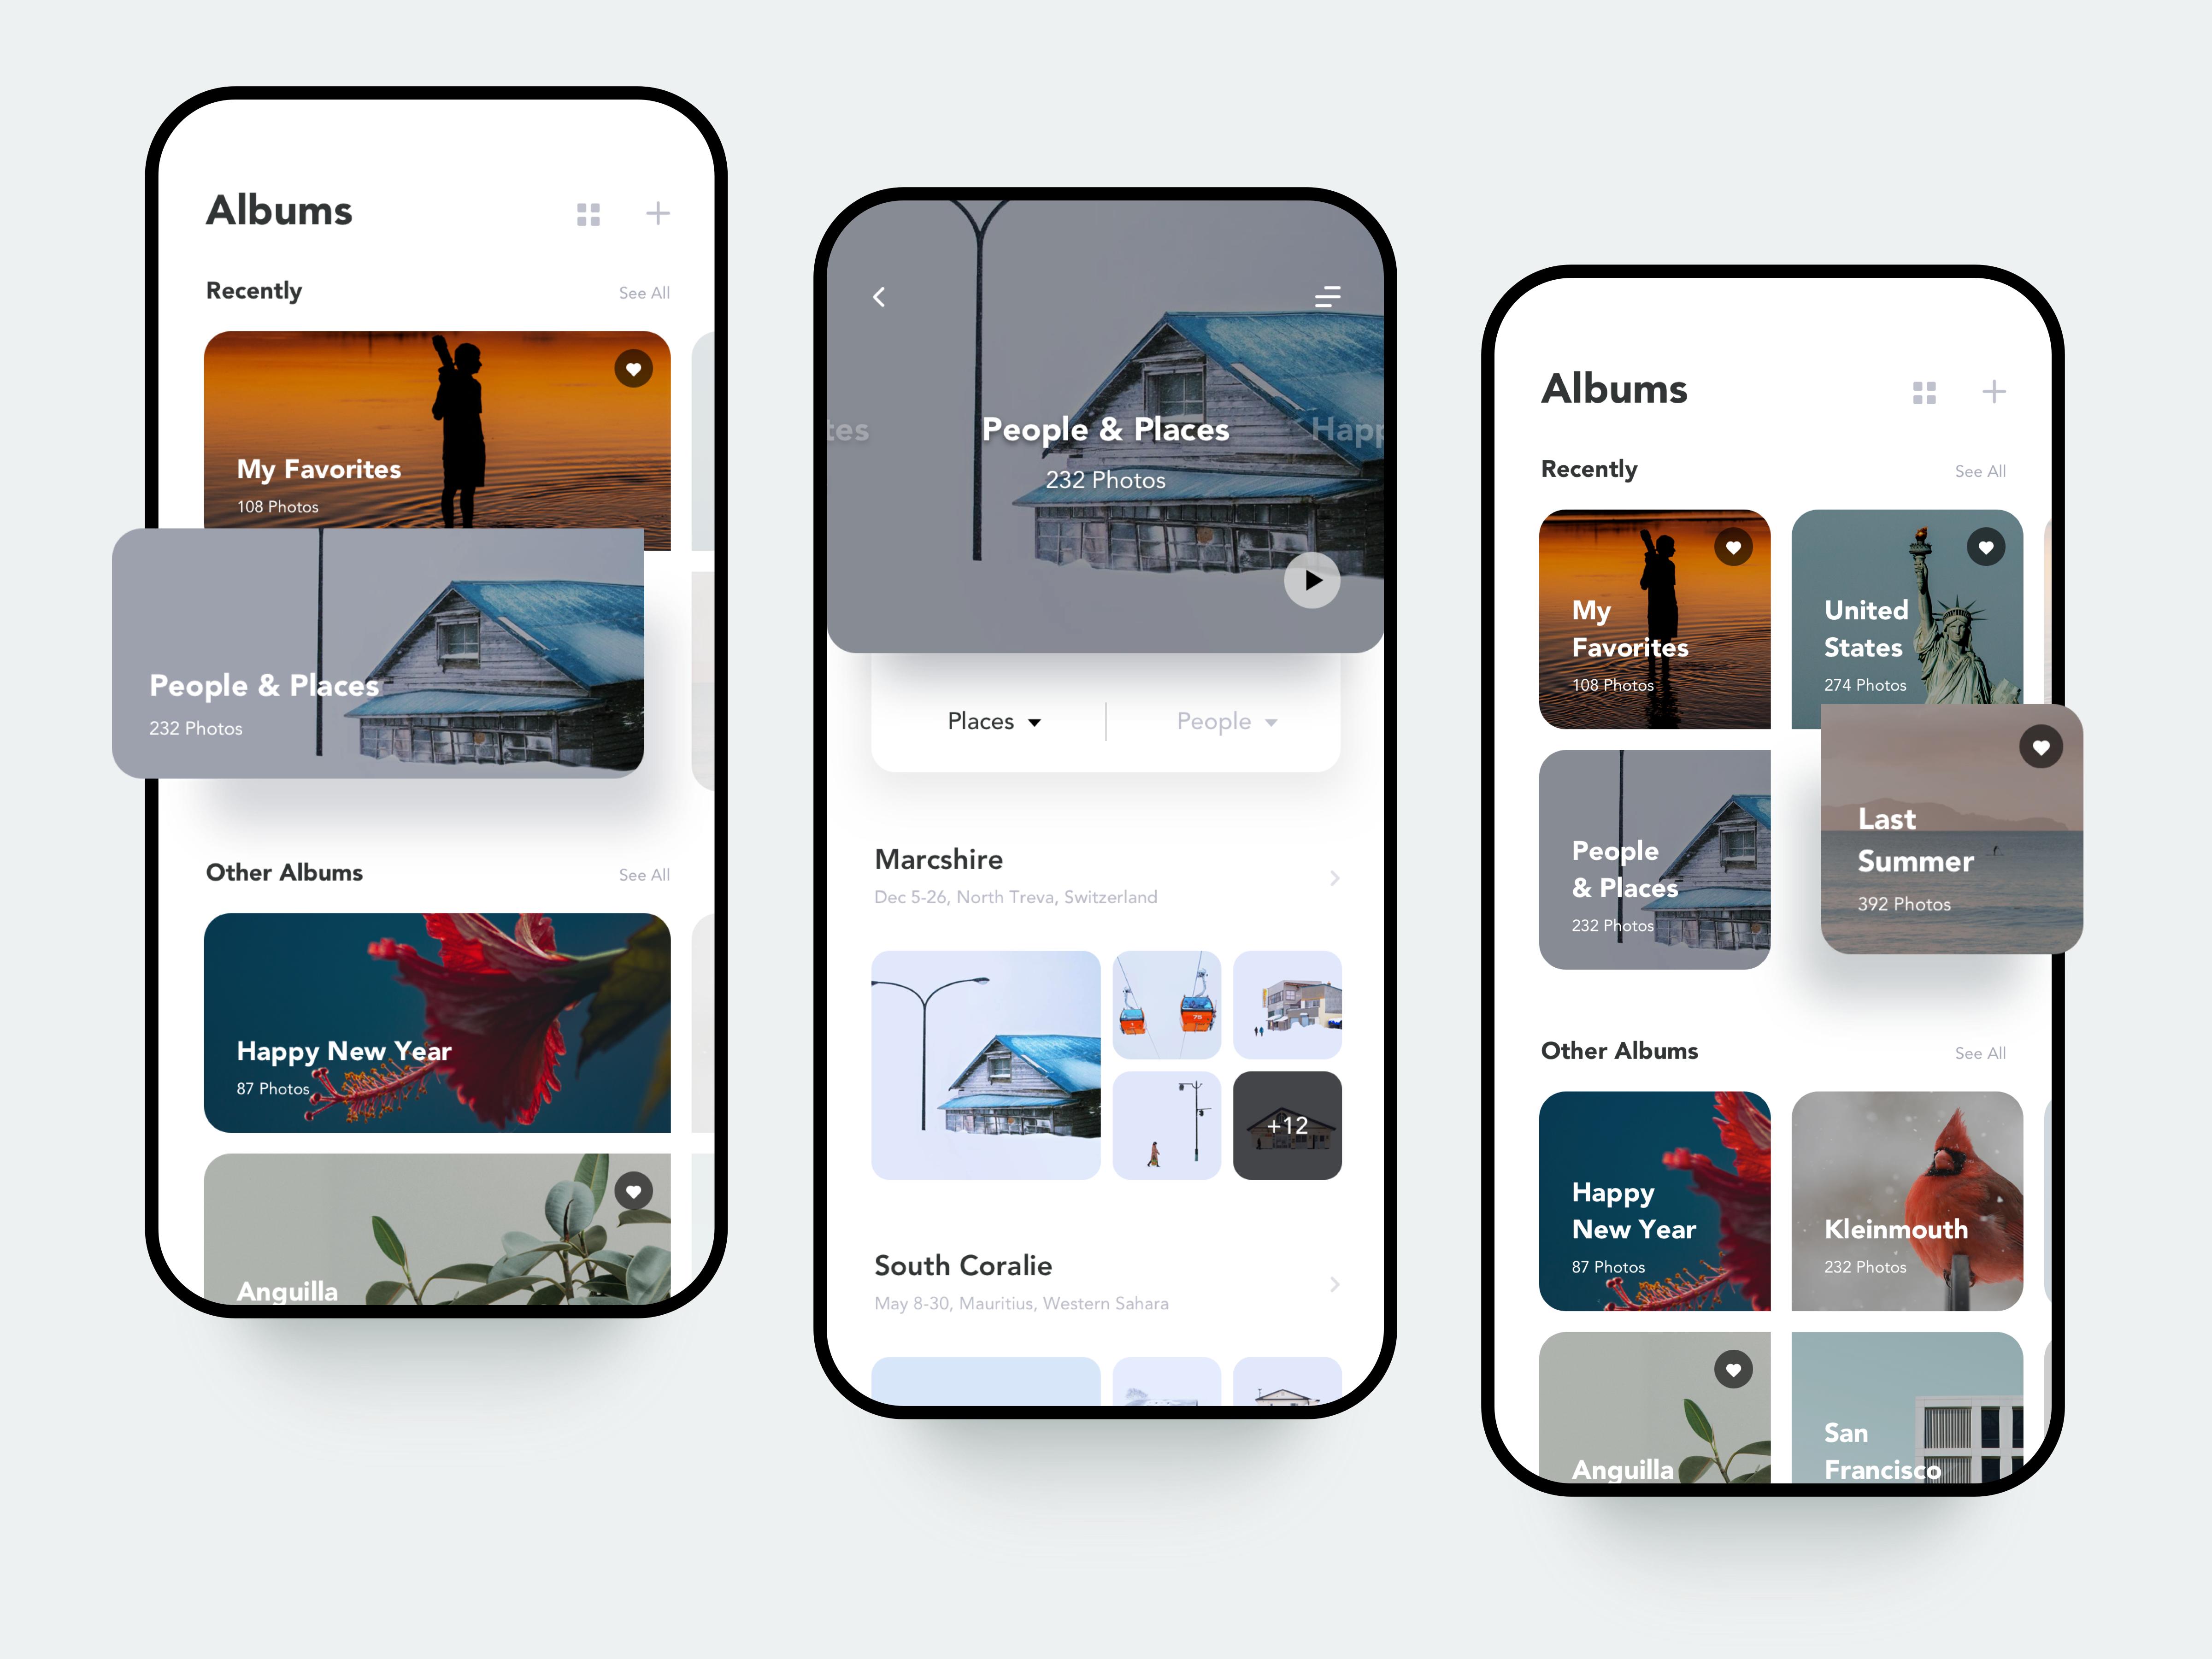 Recent Photo Album Page Concept App Store Design Mobile App Design Inspiration App Design Inspiration